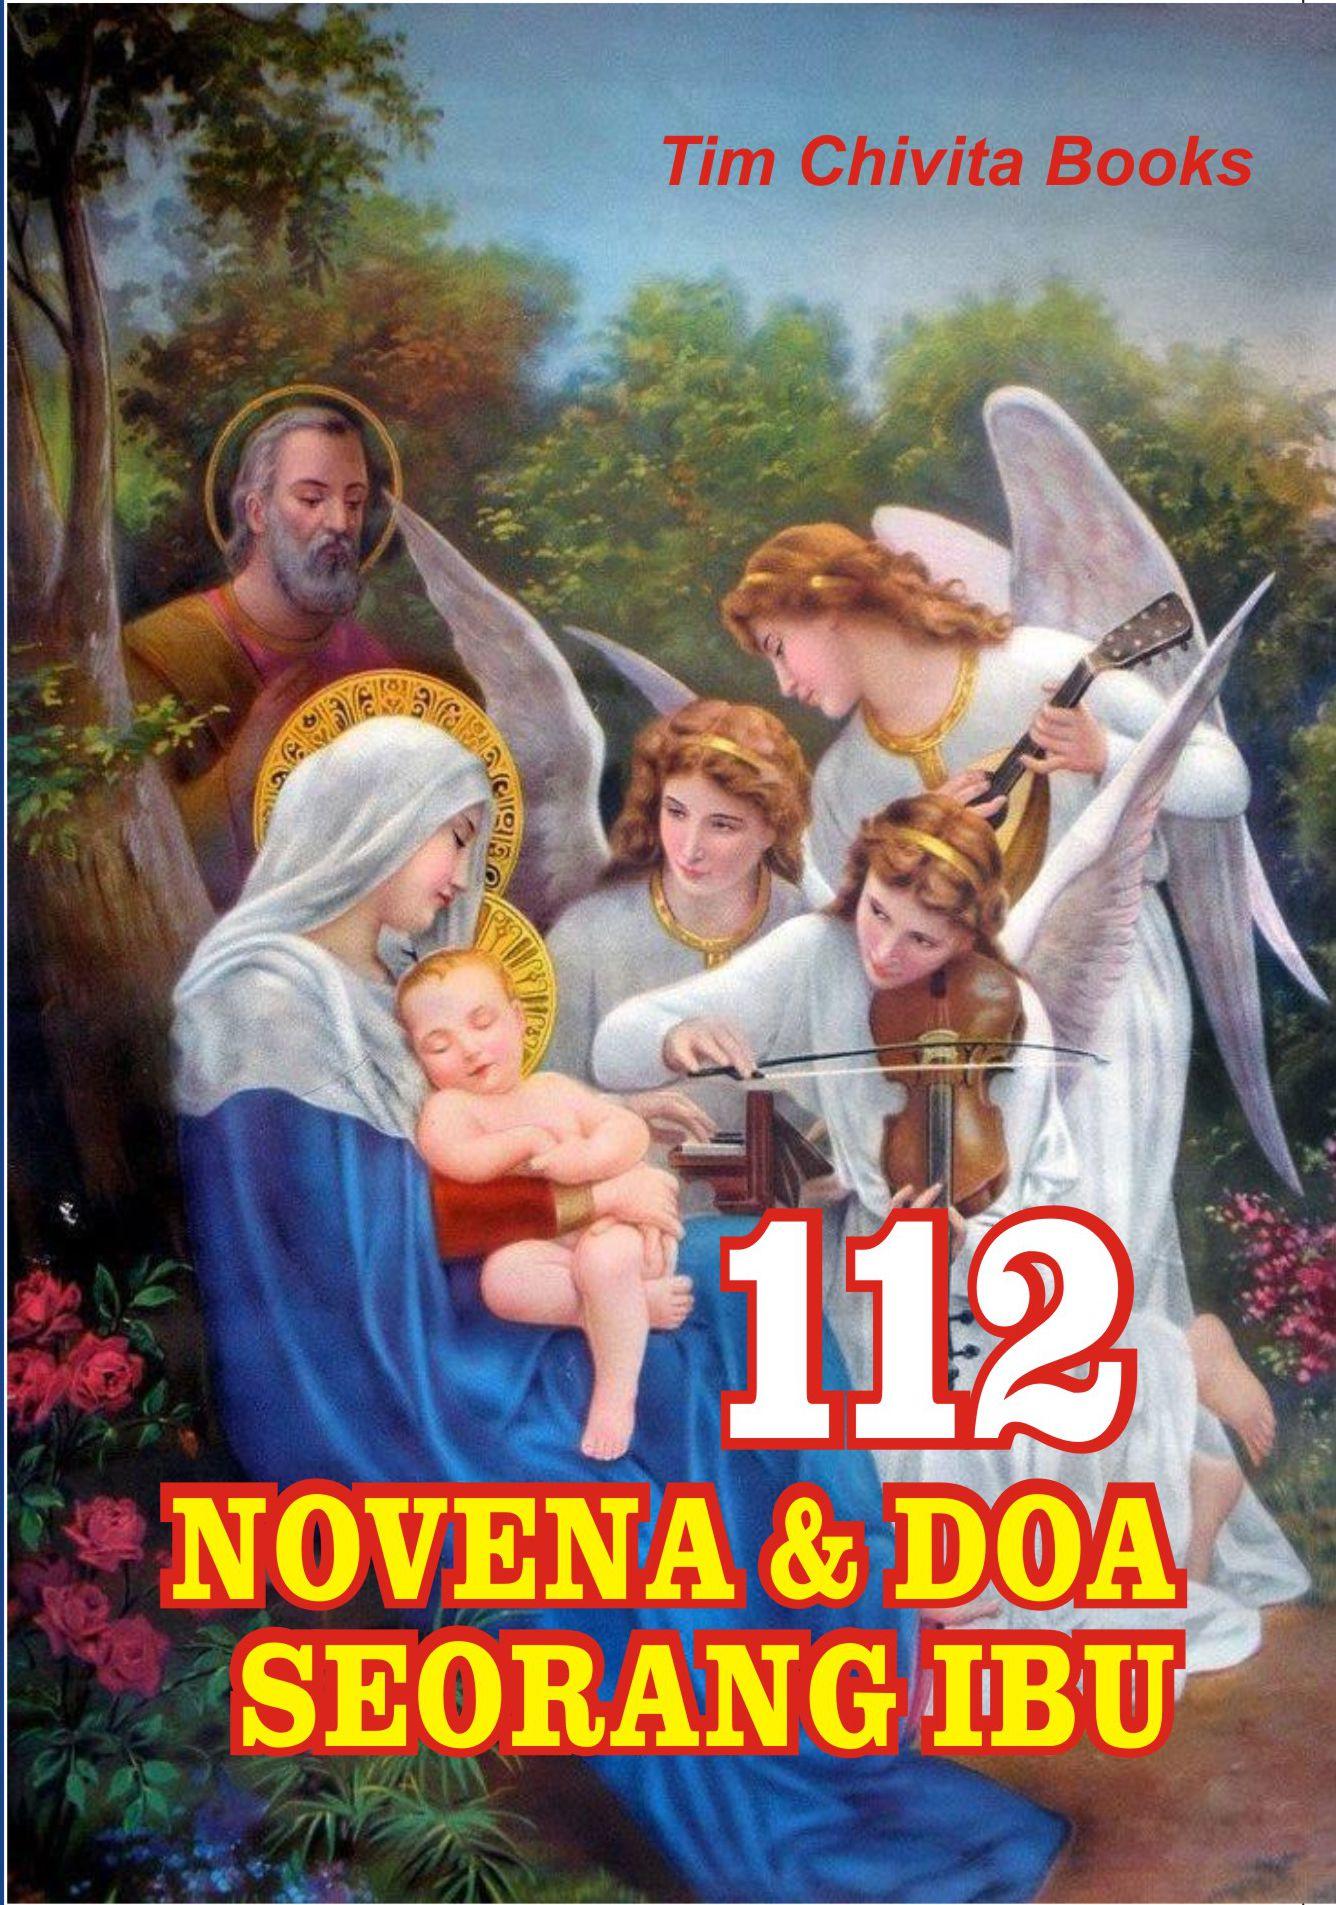 Kekuatan keajaiban doa seorang ibu2 - Doa-Doa Seorang Ibu